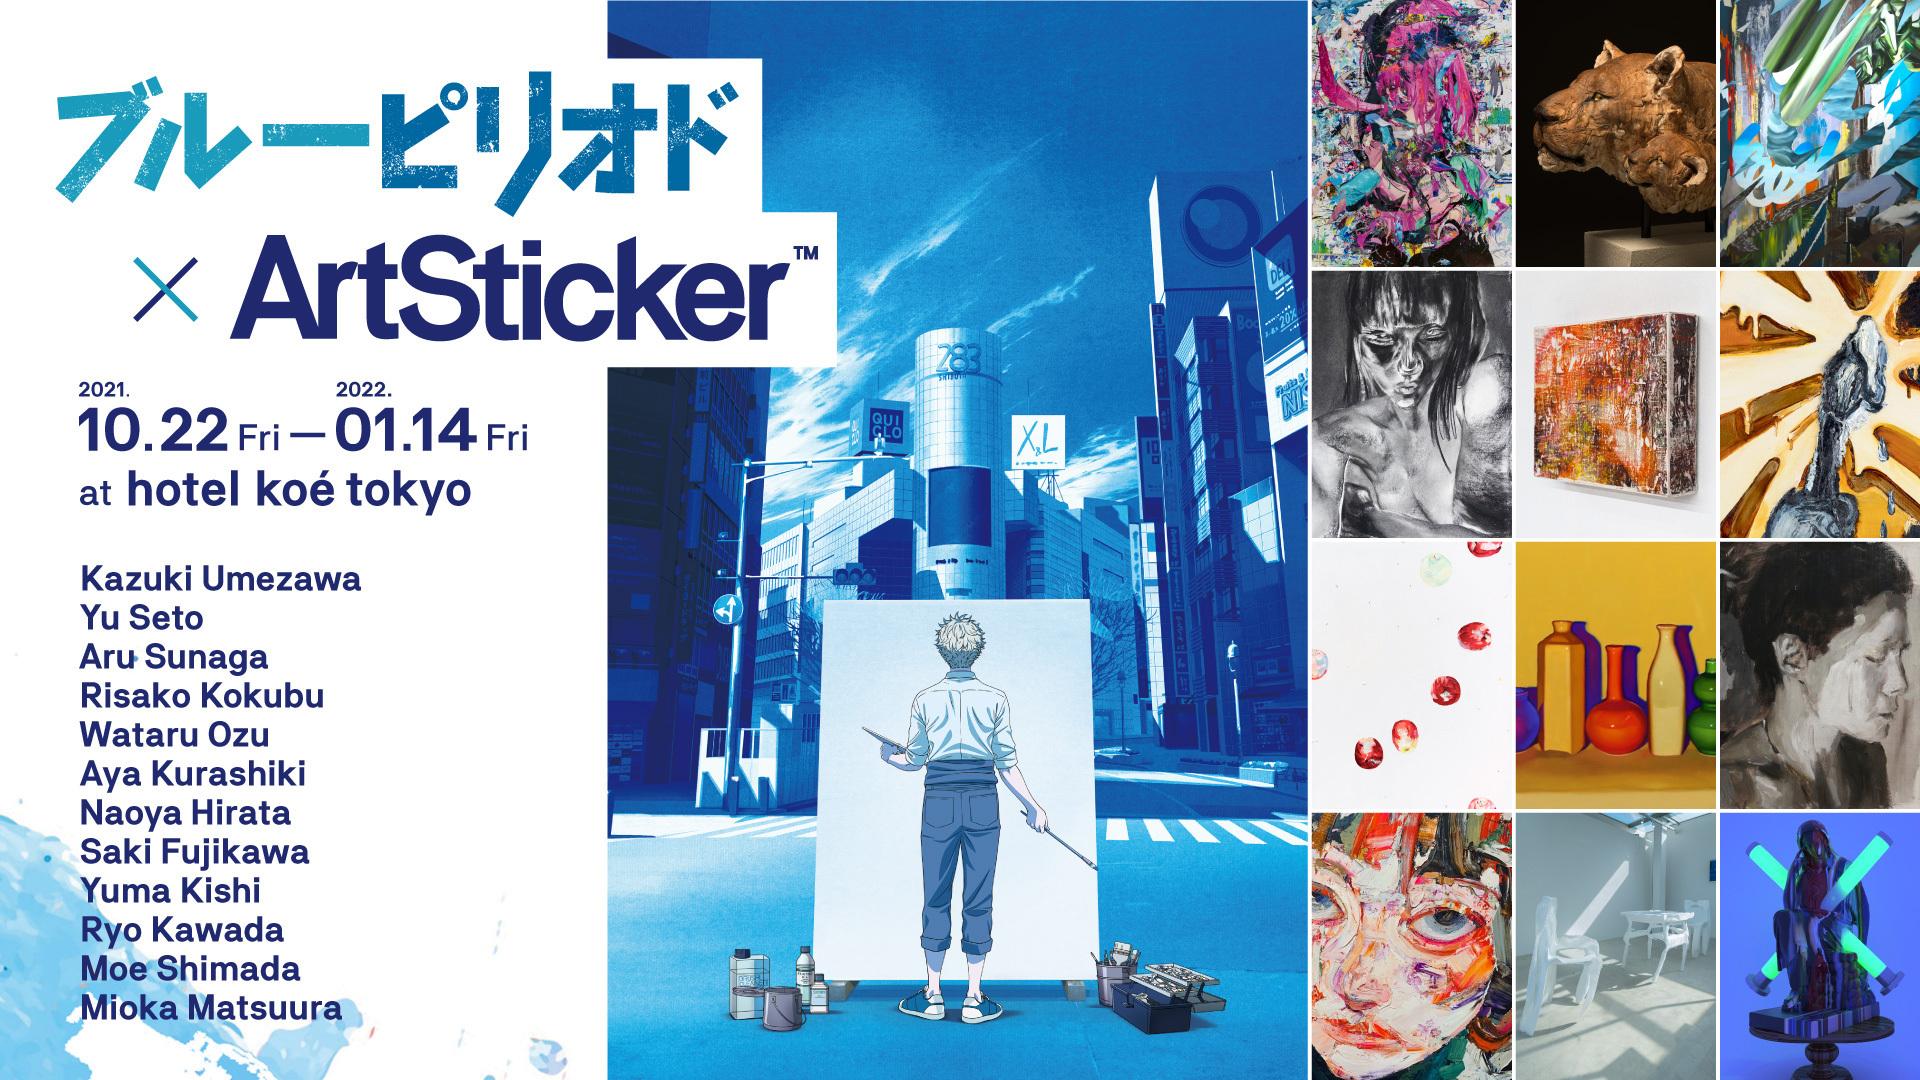 「ブルーピリオド × ArtSticker」12人のアーティストとコラボした展覧会!アニメの各話テーマの作品